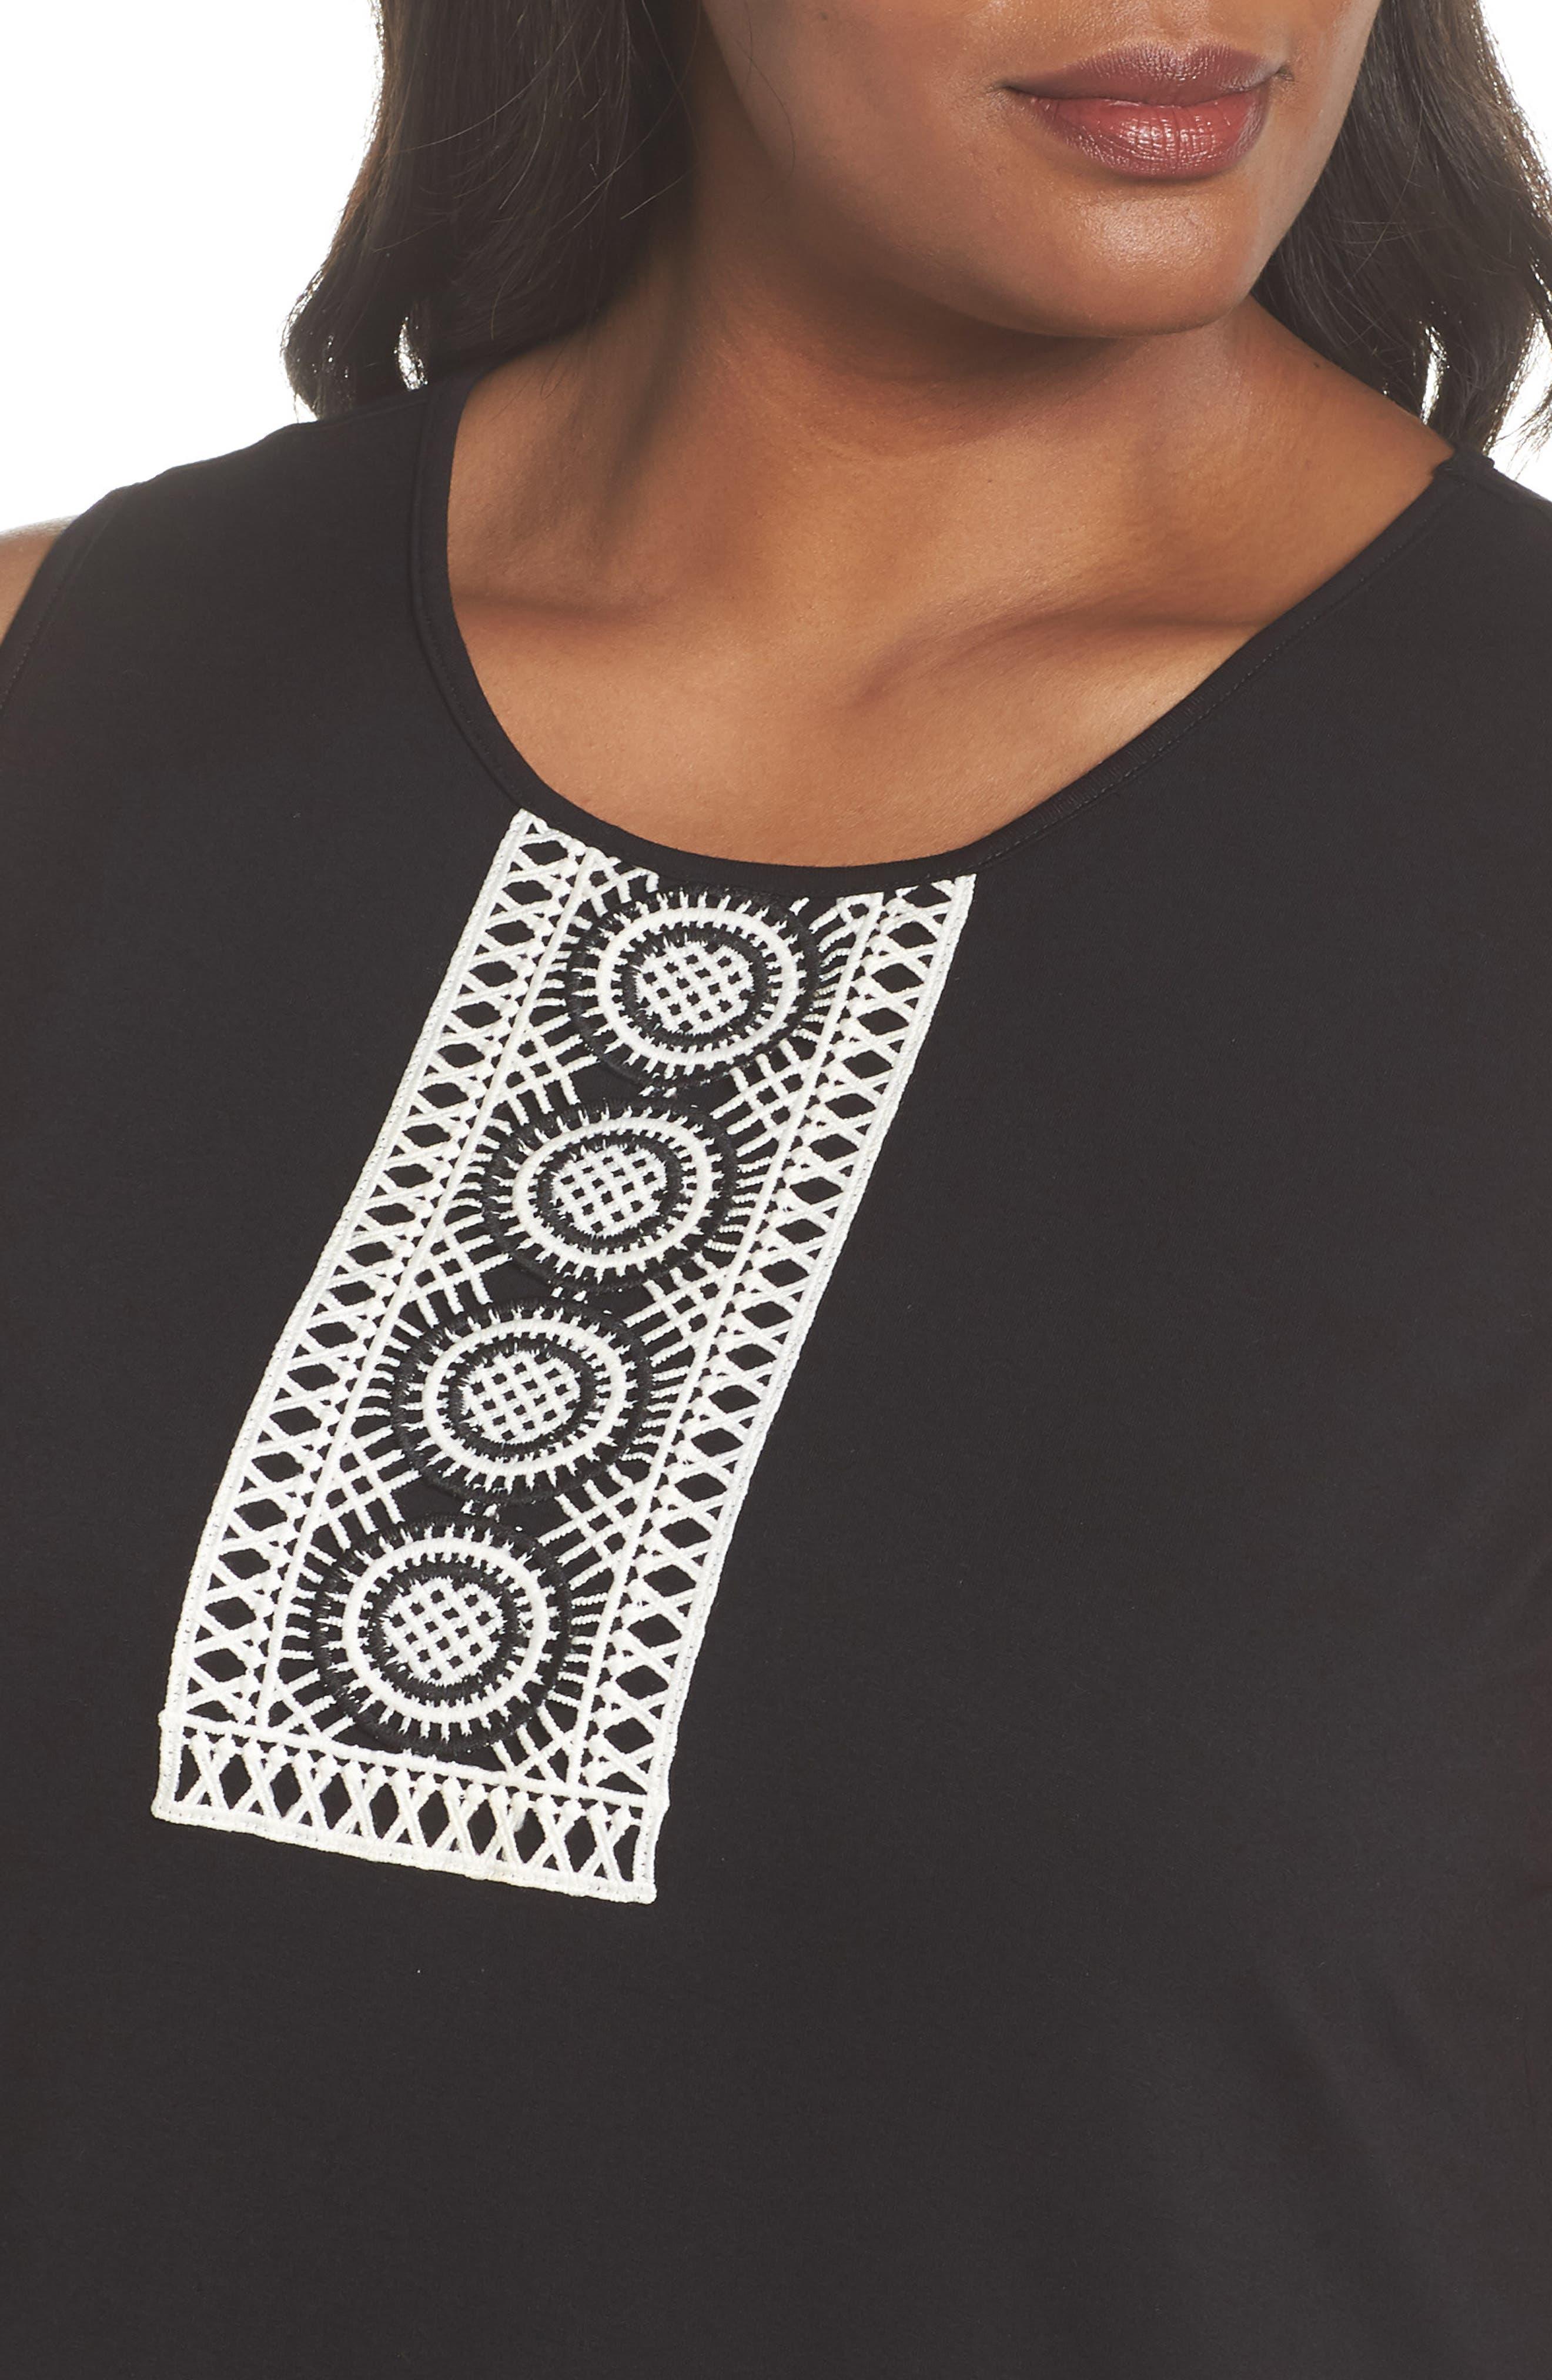 Crochet Bib Appliqué Top,                             Alternate thumbnail 4, color,                             RICH BLACK